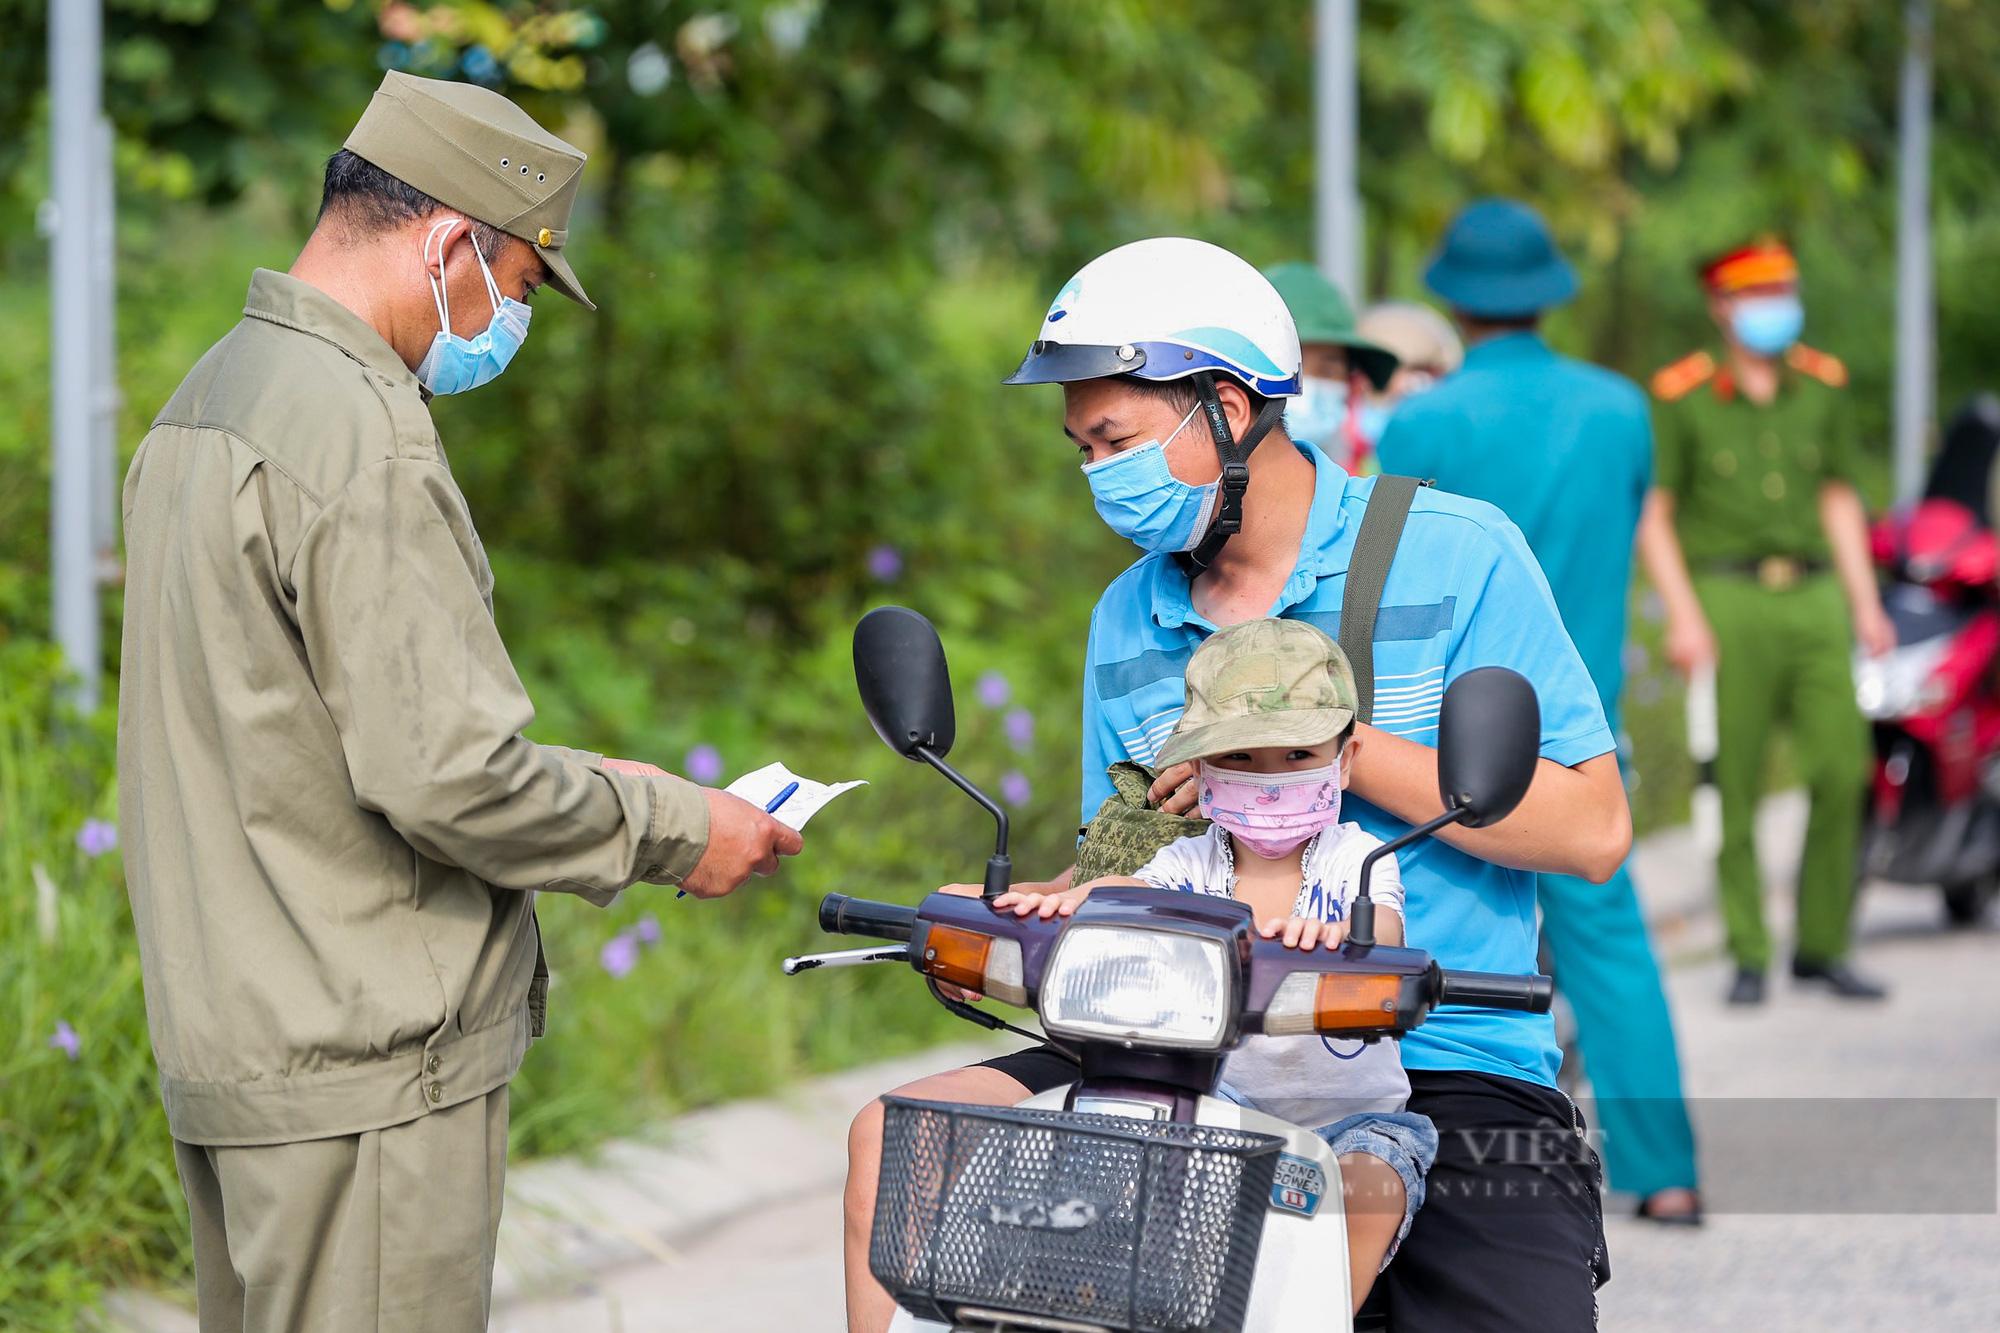 """Hà Nội: Để tránh bị phạt 3 triệu đồng khi ra đường, người dân nhất định phải """"bỏ túi"""" điều này - Ảnh 3."""